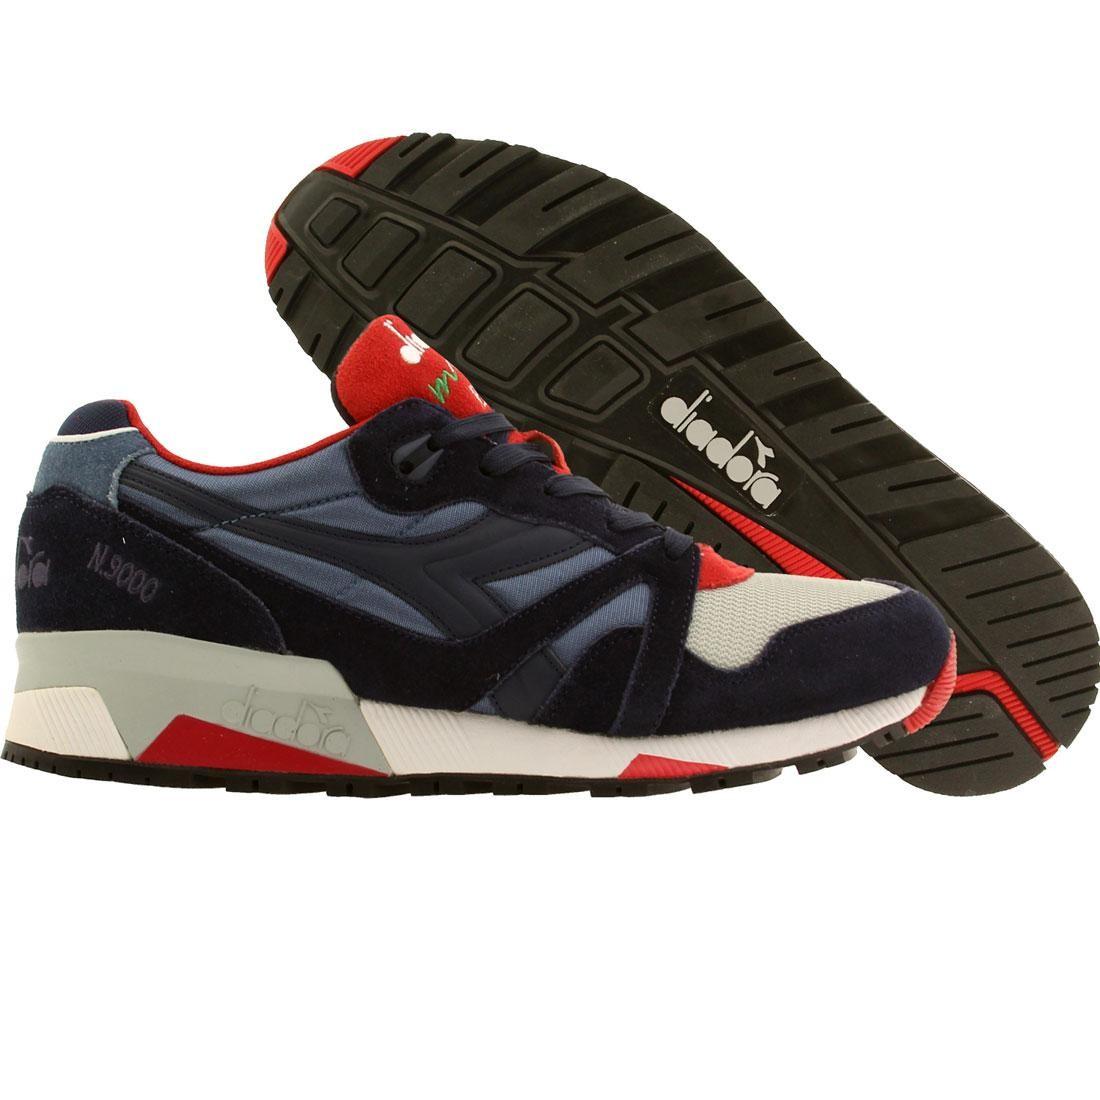 【海外限定】スニーカー 靴 【 DIADORA MEN N9000 NYL BLUE COLONEL 】